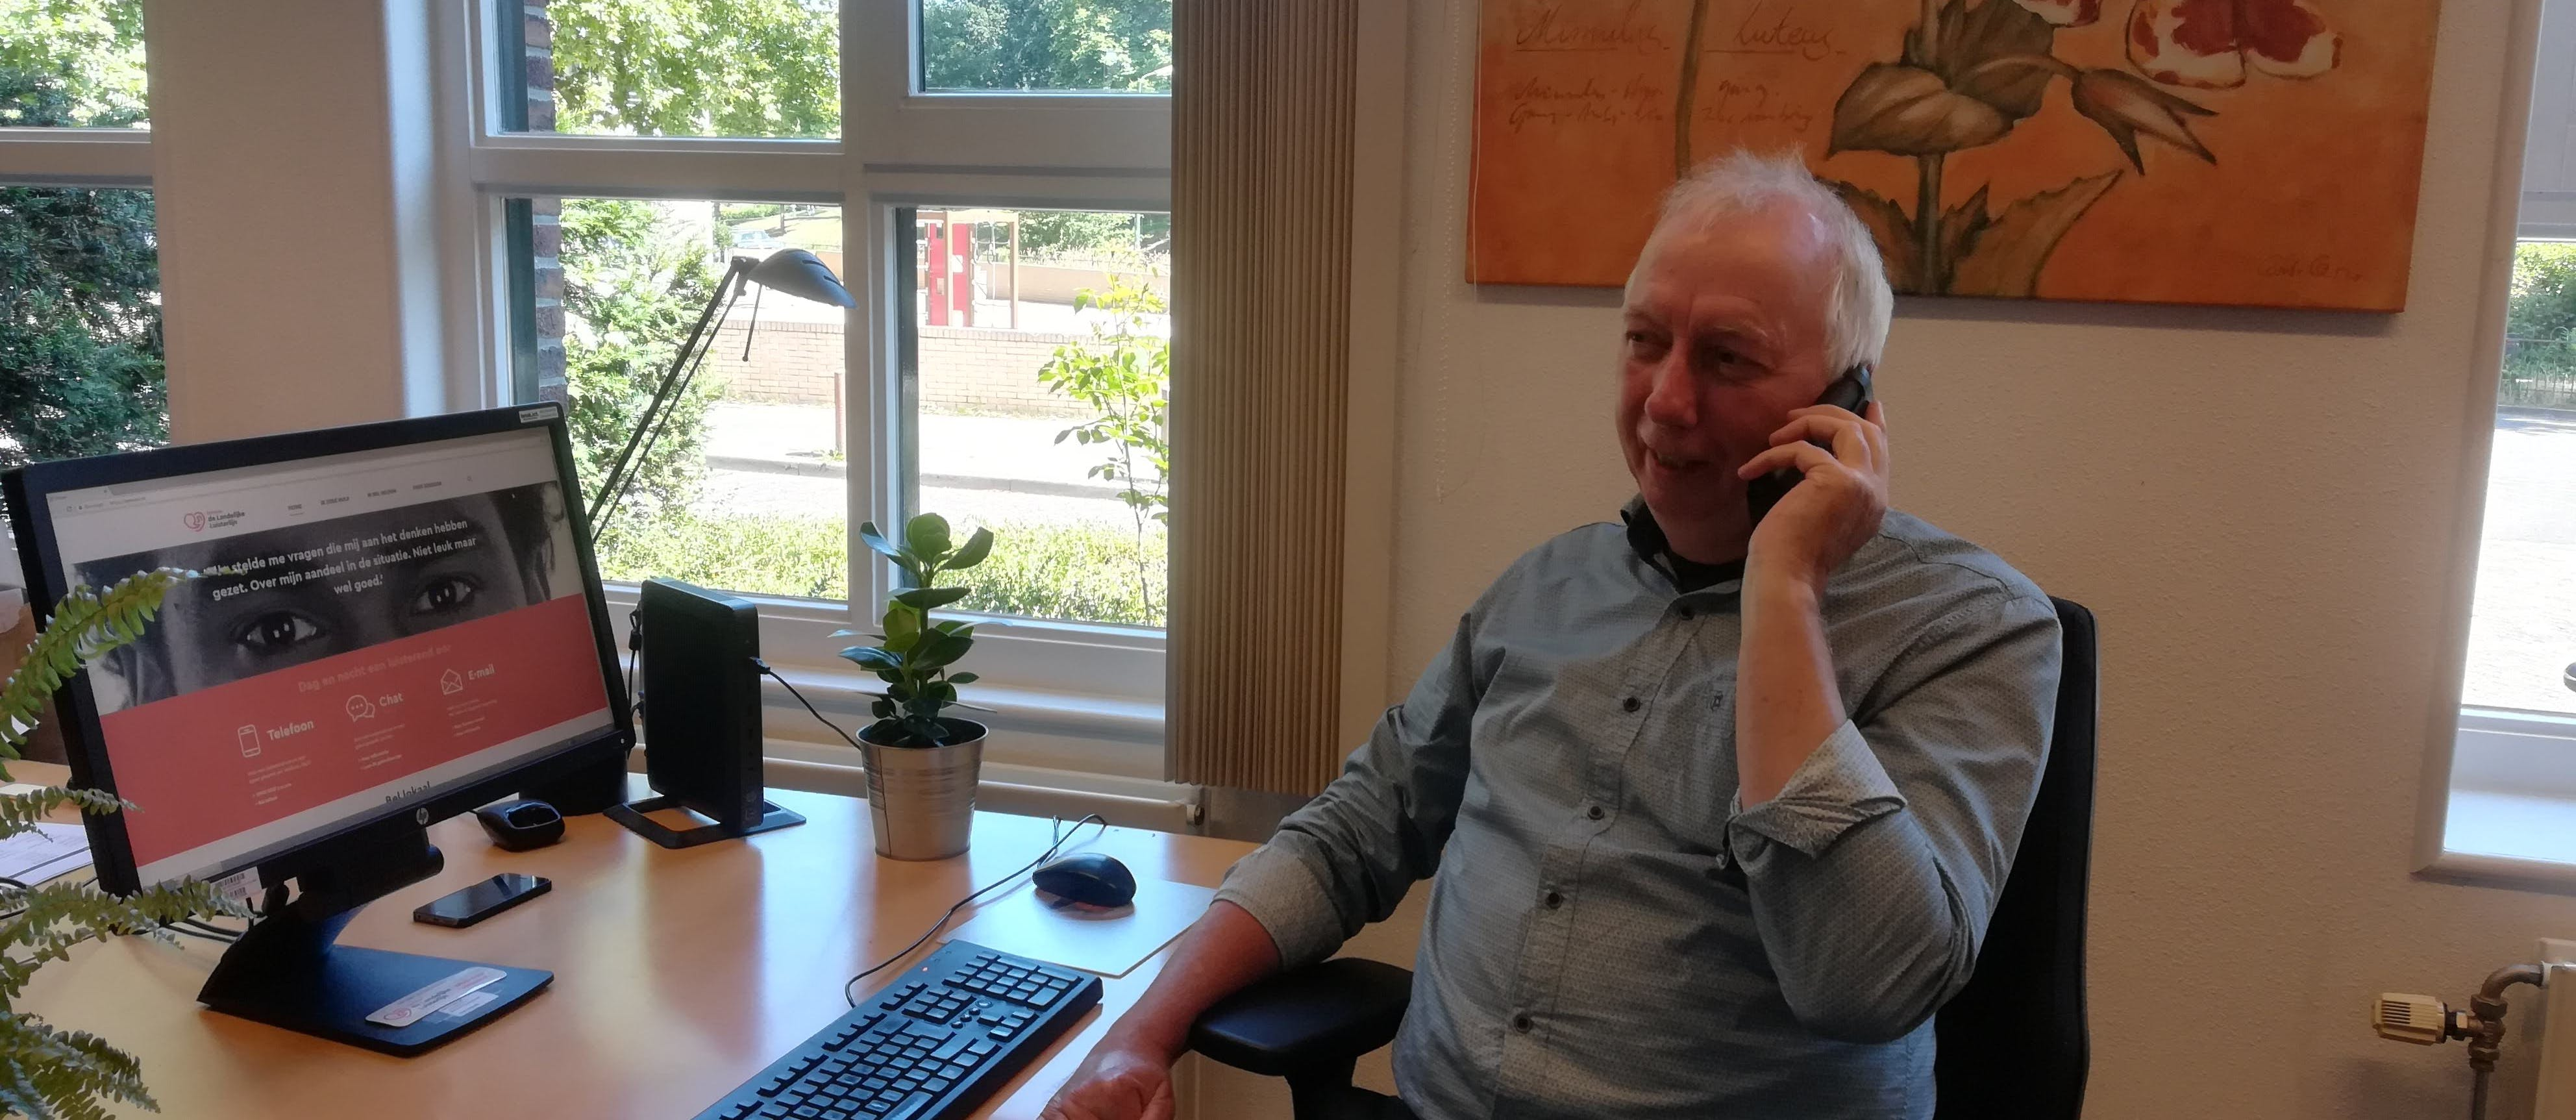 Telefoon- en chatvrijwilliger gezocht voor bieden luisterend oor